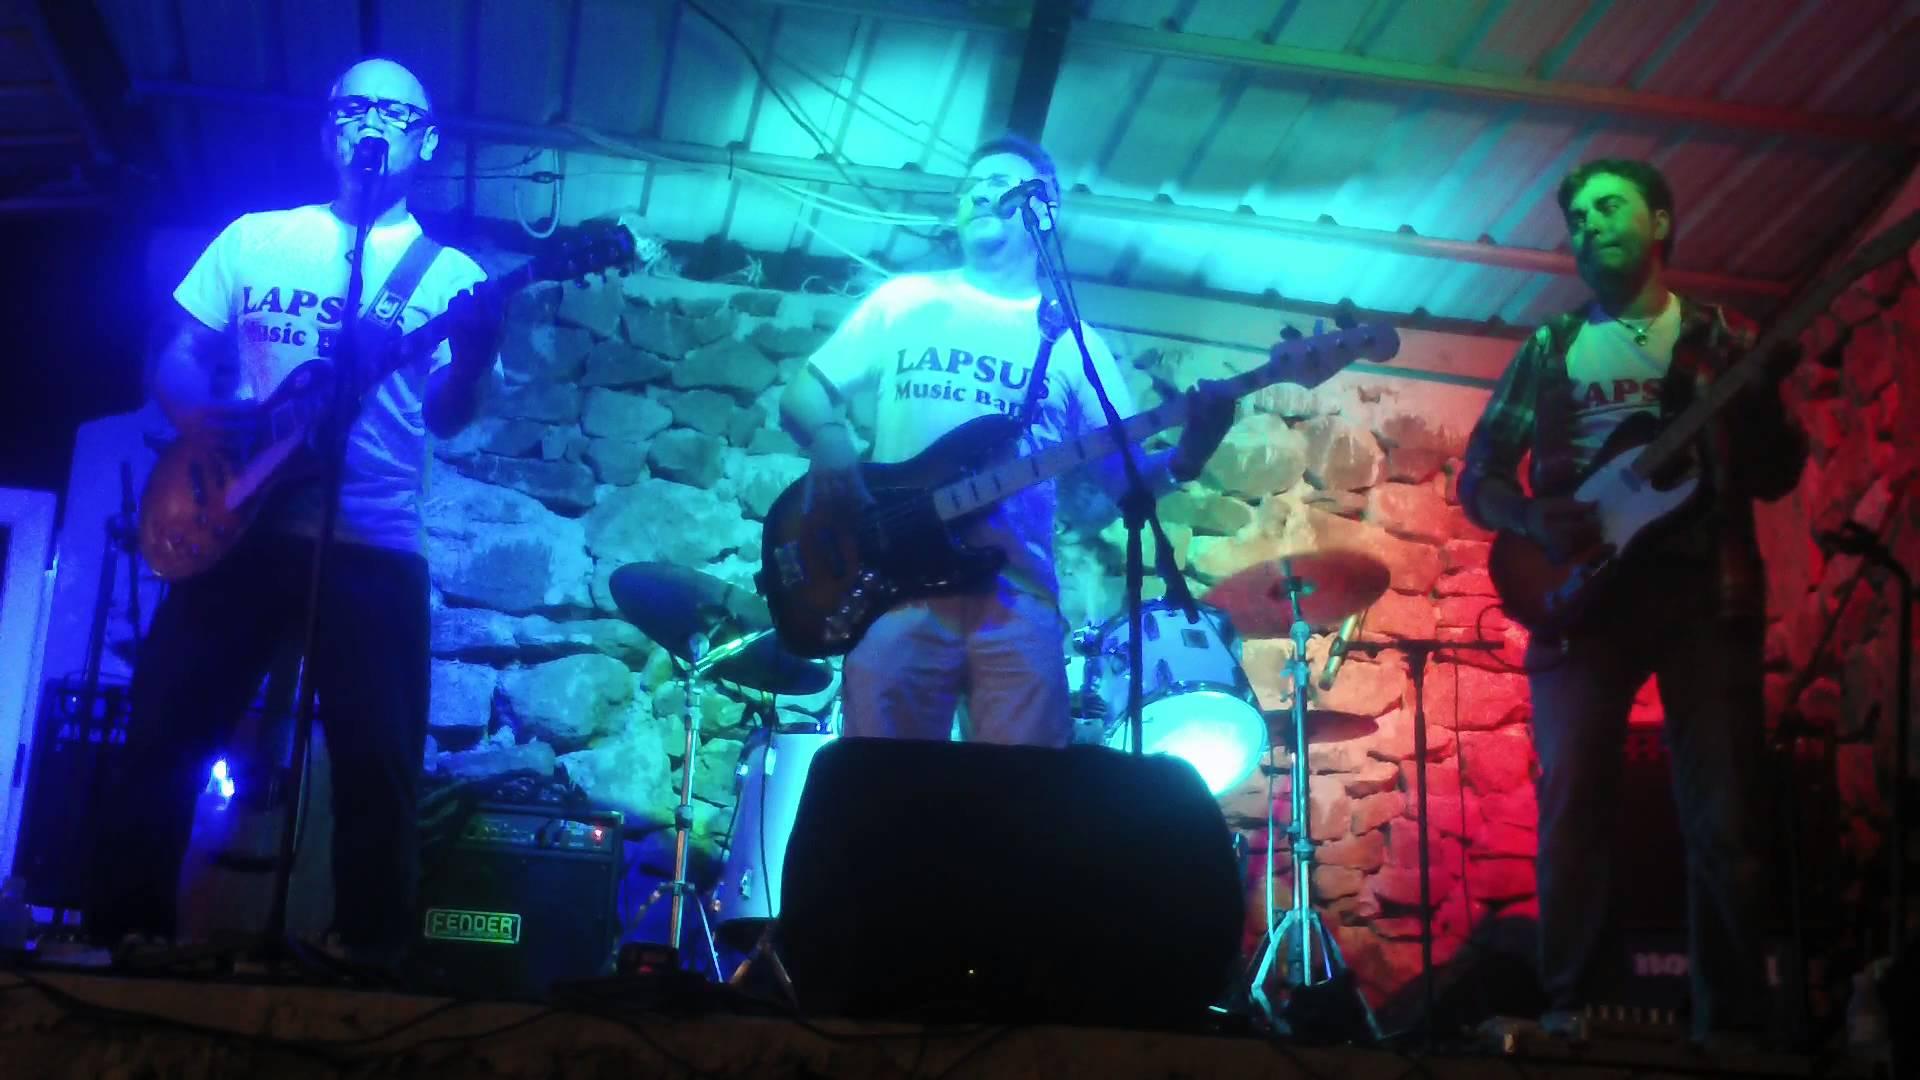 CANGAS DEL NARCEA.- Hoy, concierto de LAPSUS MUSIC BAND